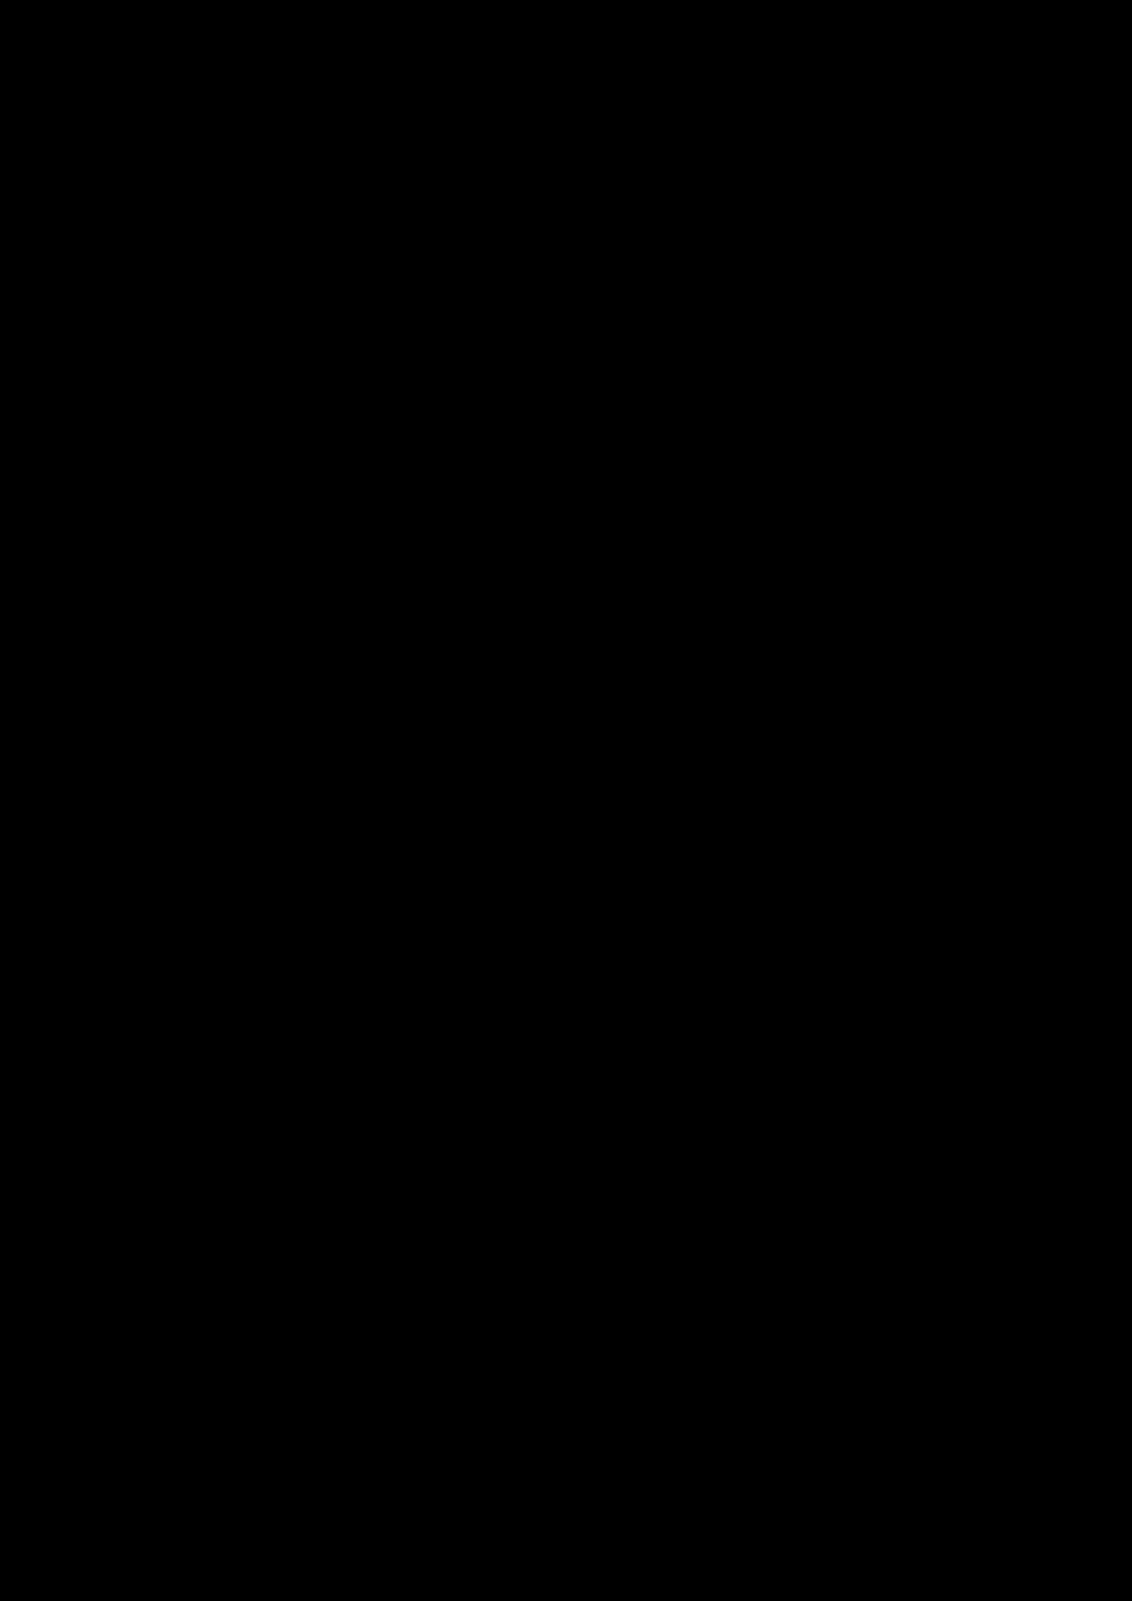 Dekoratsii slide, Image 2